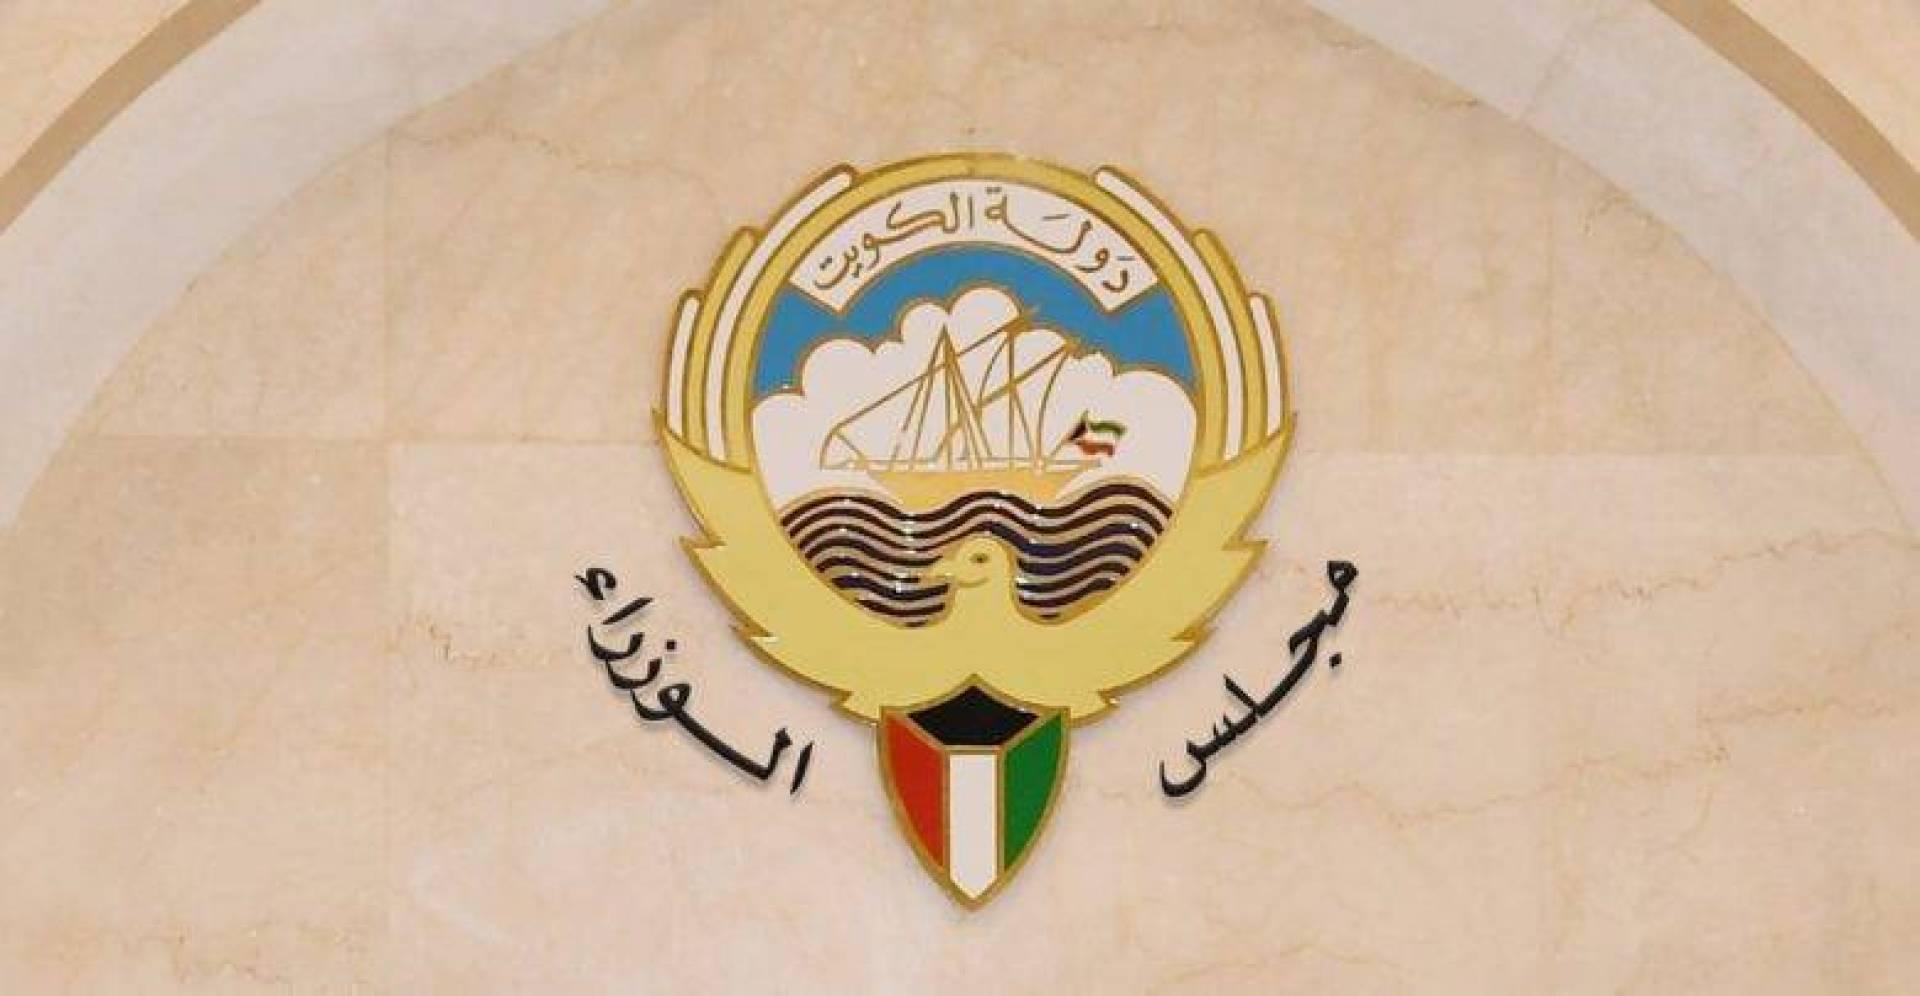 الكويت تعلن عن إجازة رسمية